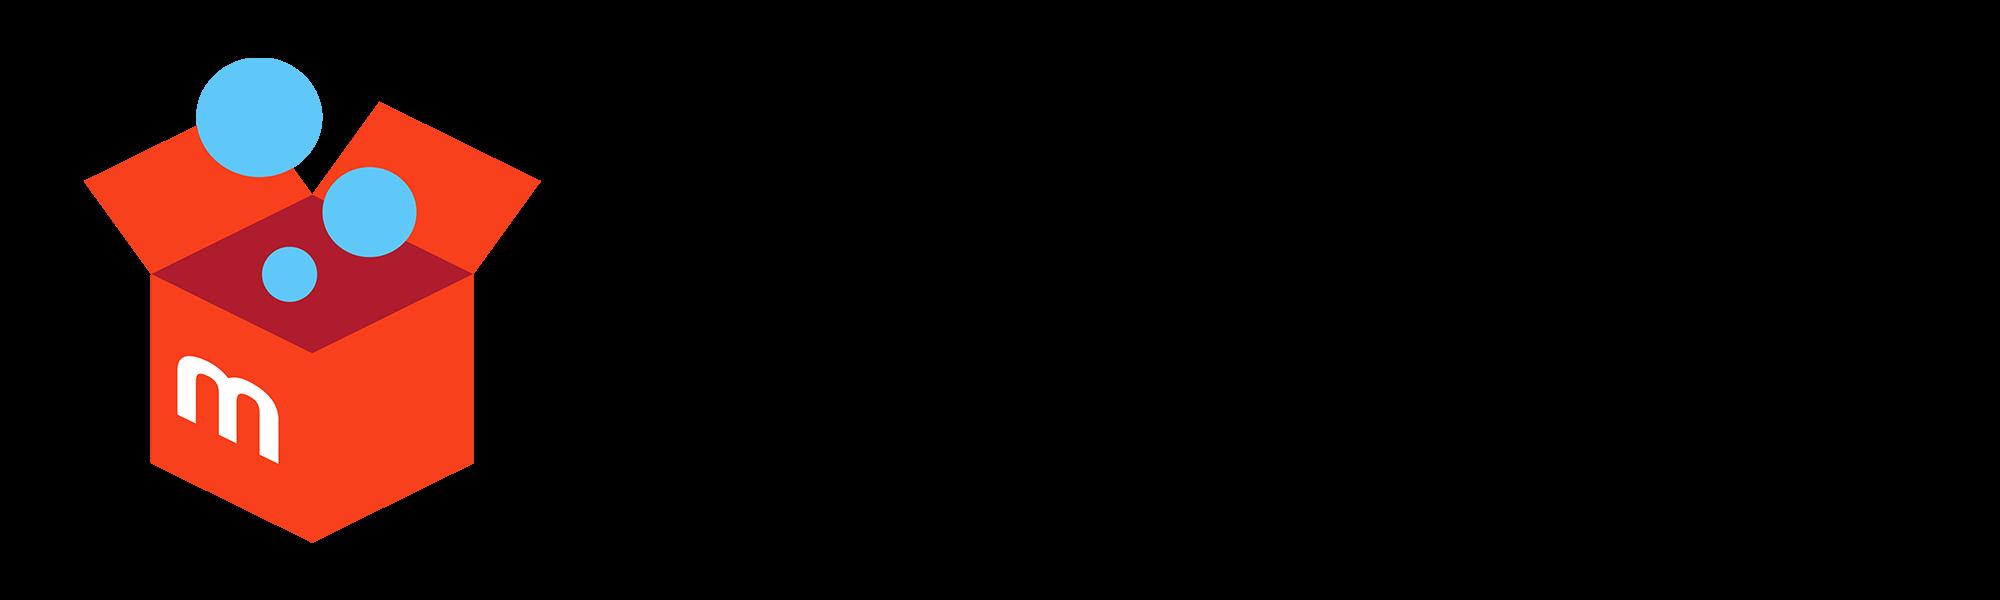 Mercari Clone Script